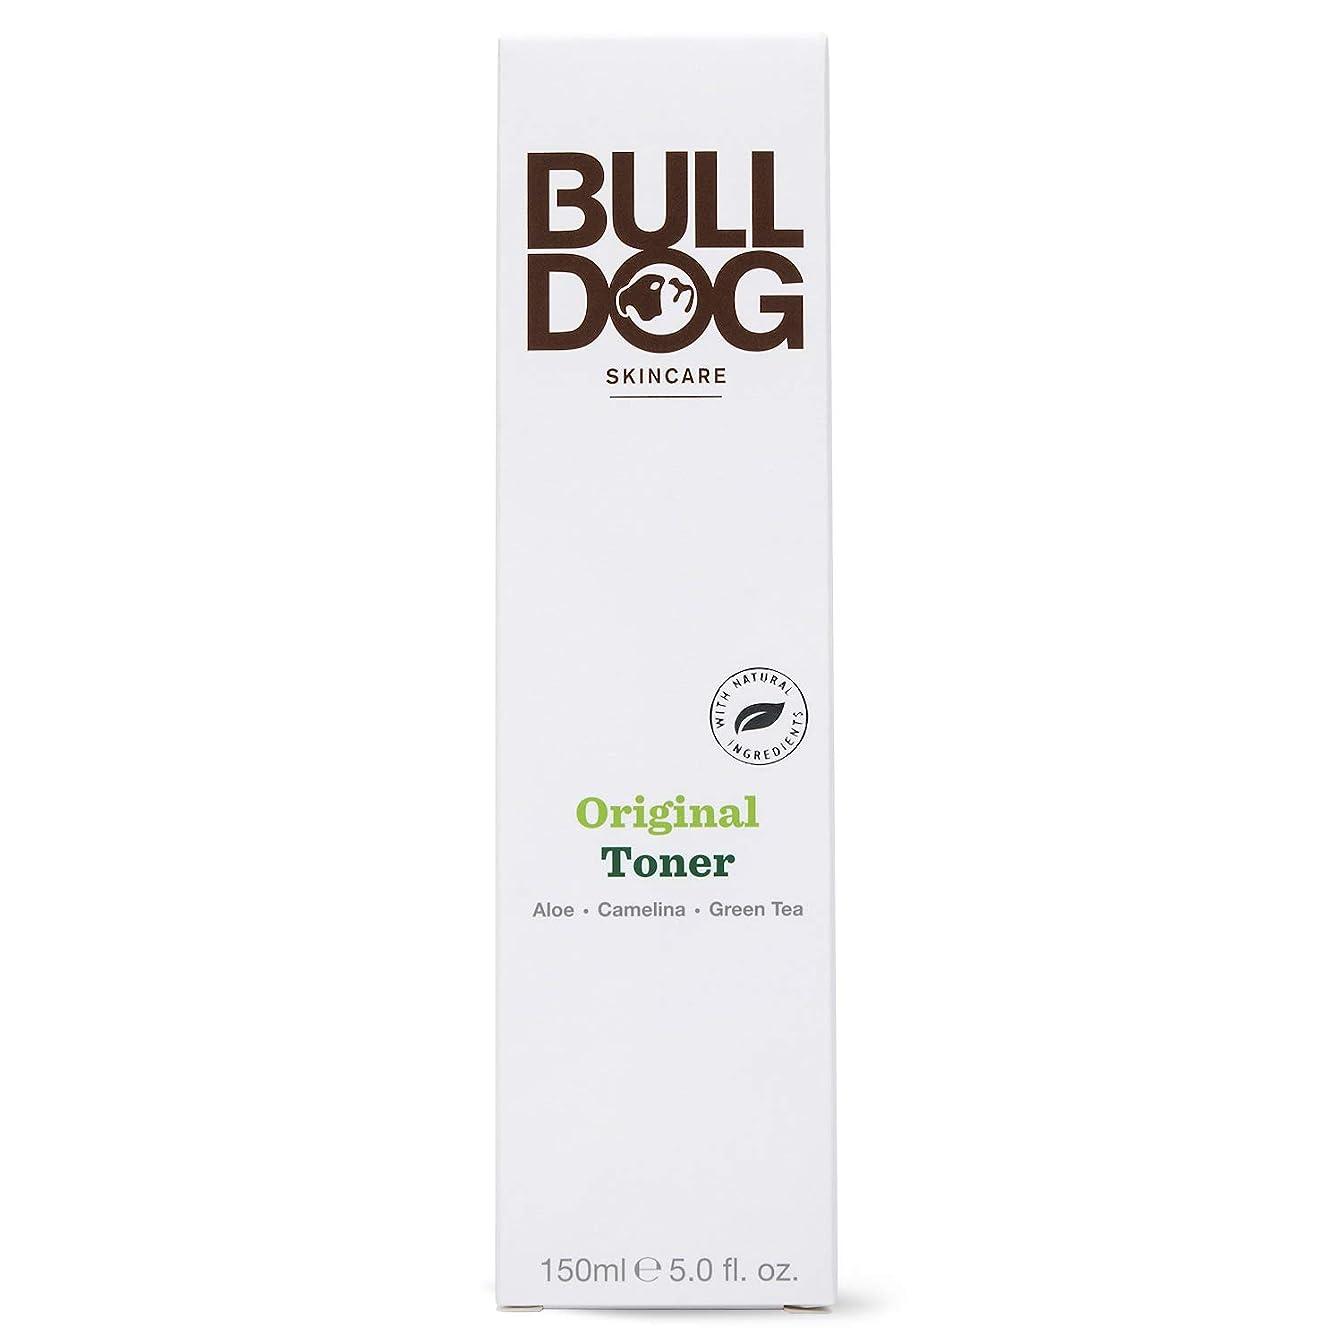 不満回復する登場Bulldog(ブルドッグ) ブルドッグ Bulldog オリジナル トナー 化粧水 150ml 肌をすっきり なめらかに